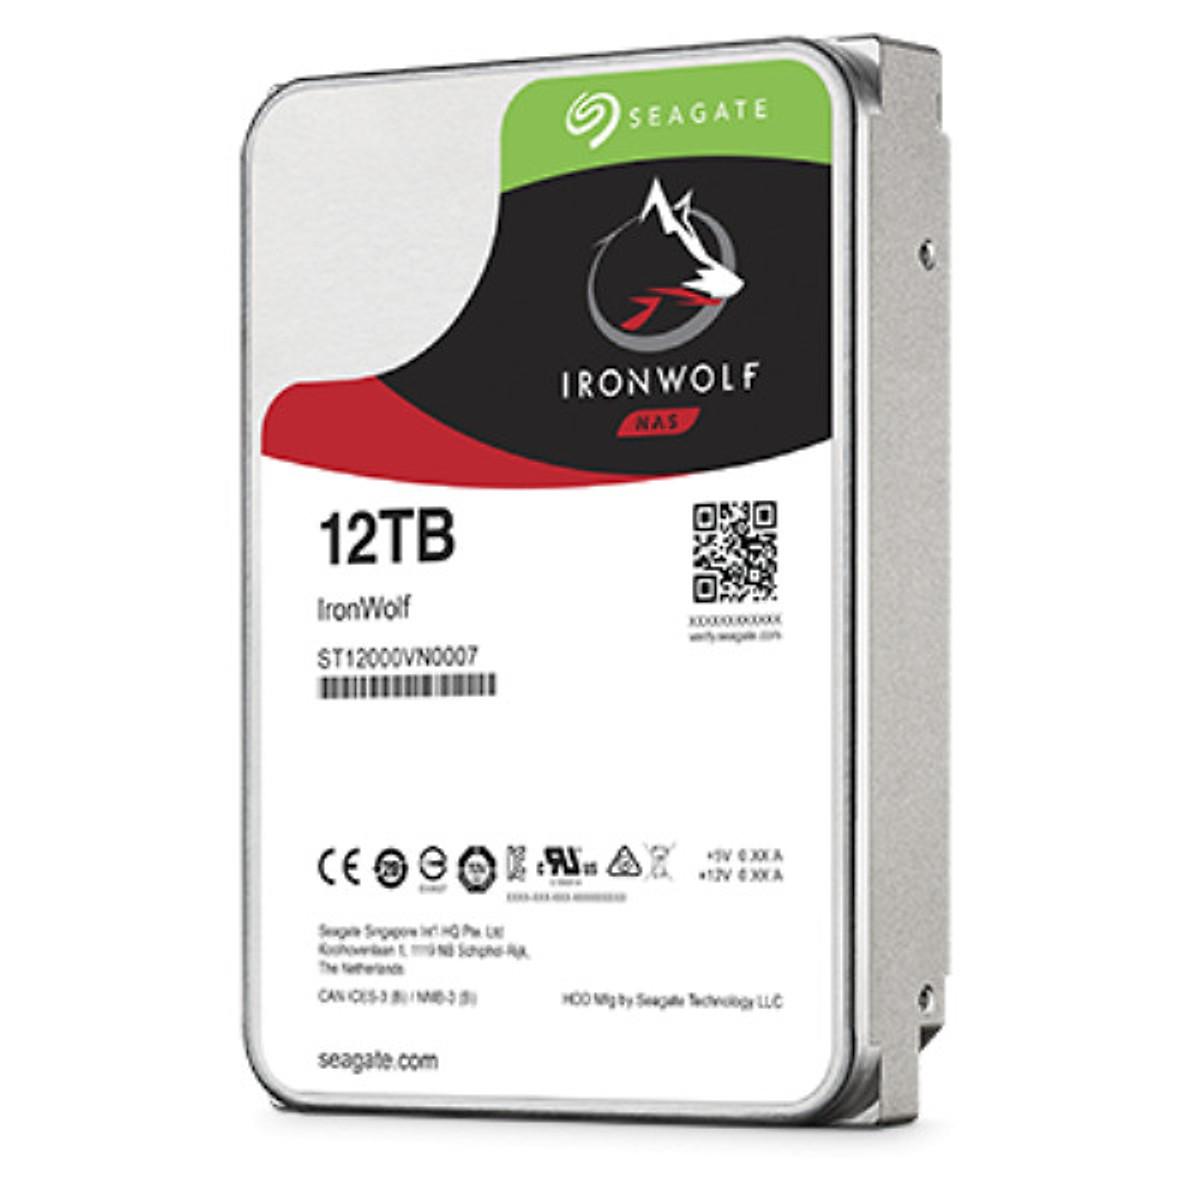 Ổ cứng HDD Seagate IronWolf Pro 12TB ST12000NE0007 – Hàng chính hãng